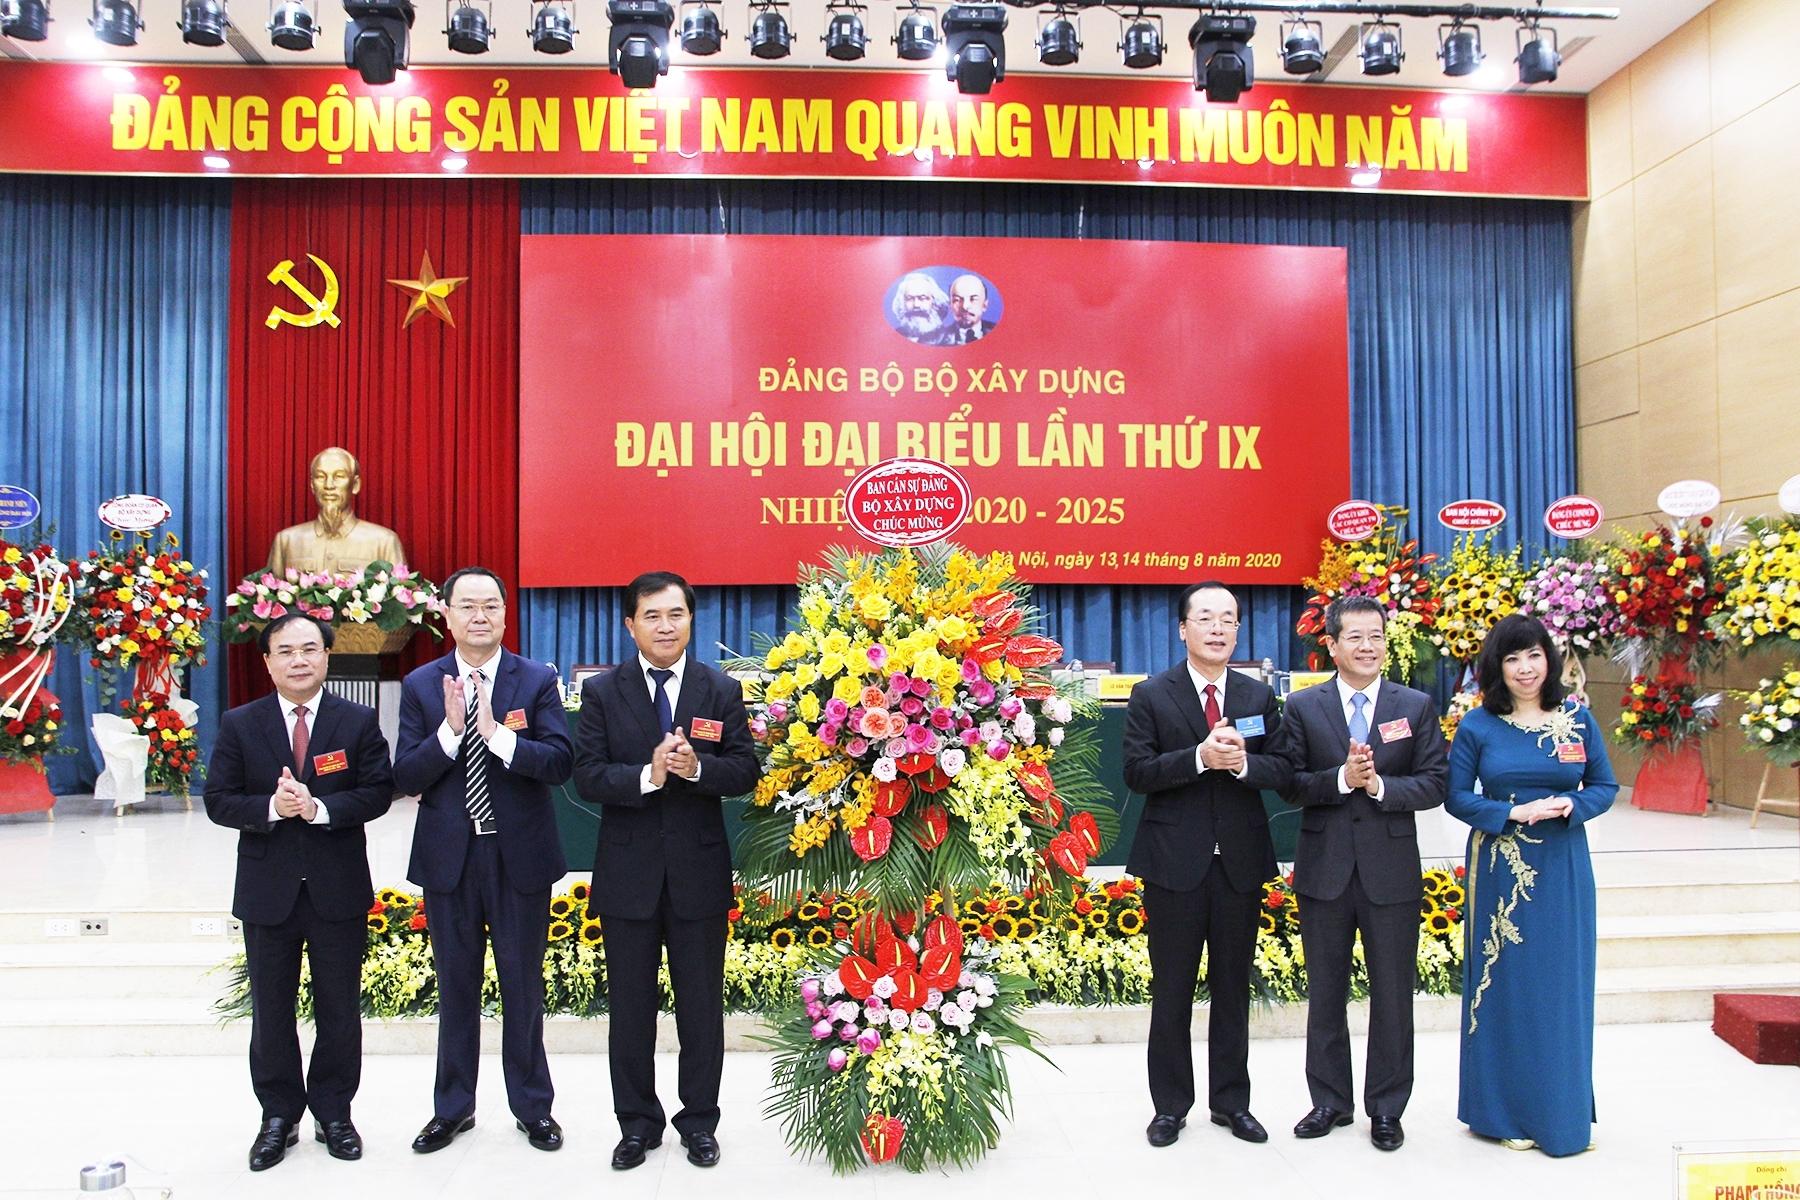 Khai mạc Đại hội đại biểu Đảng bộ Bộ Xây dựng lần thứ IX, nhiệm kỳ 2020 – 2025